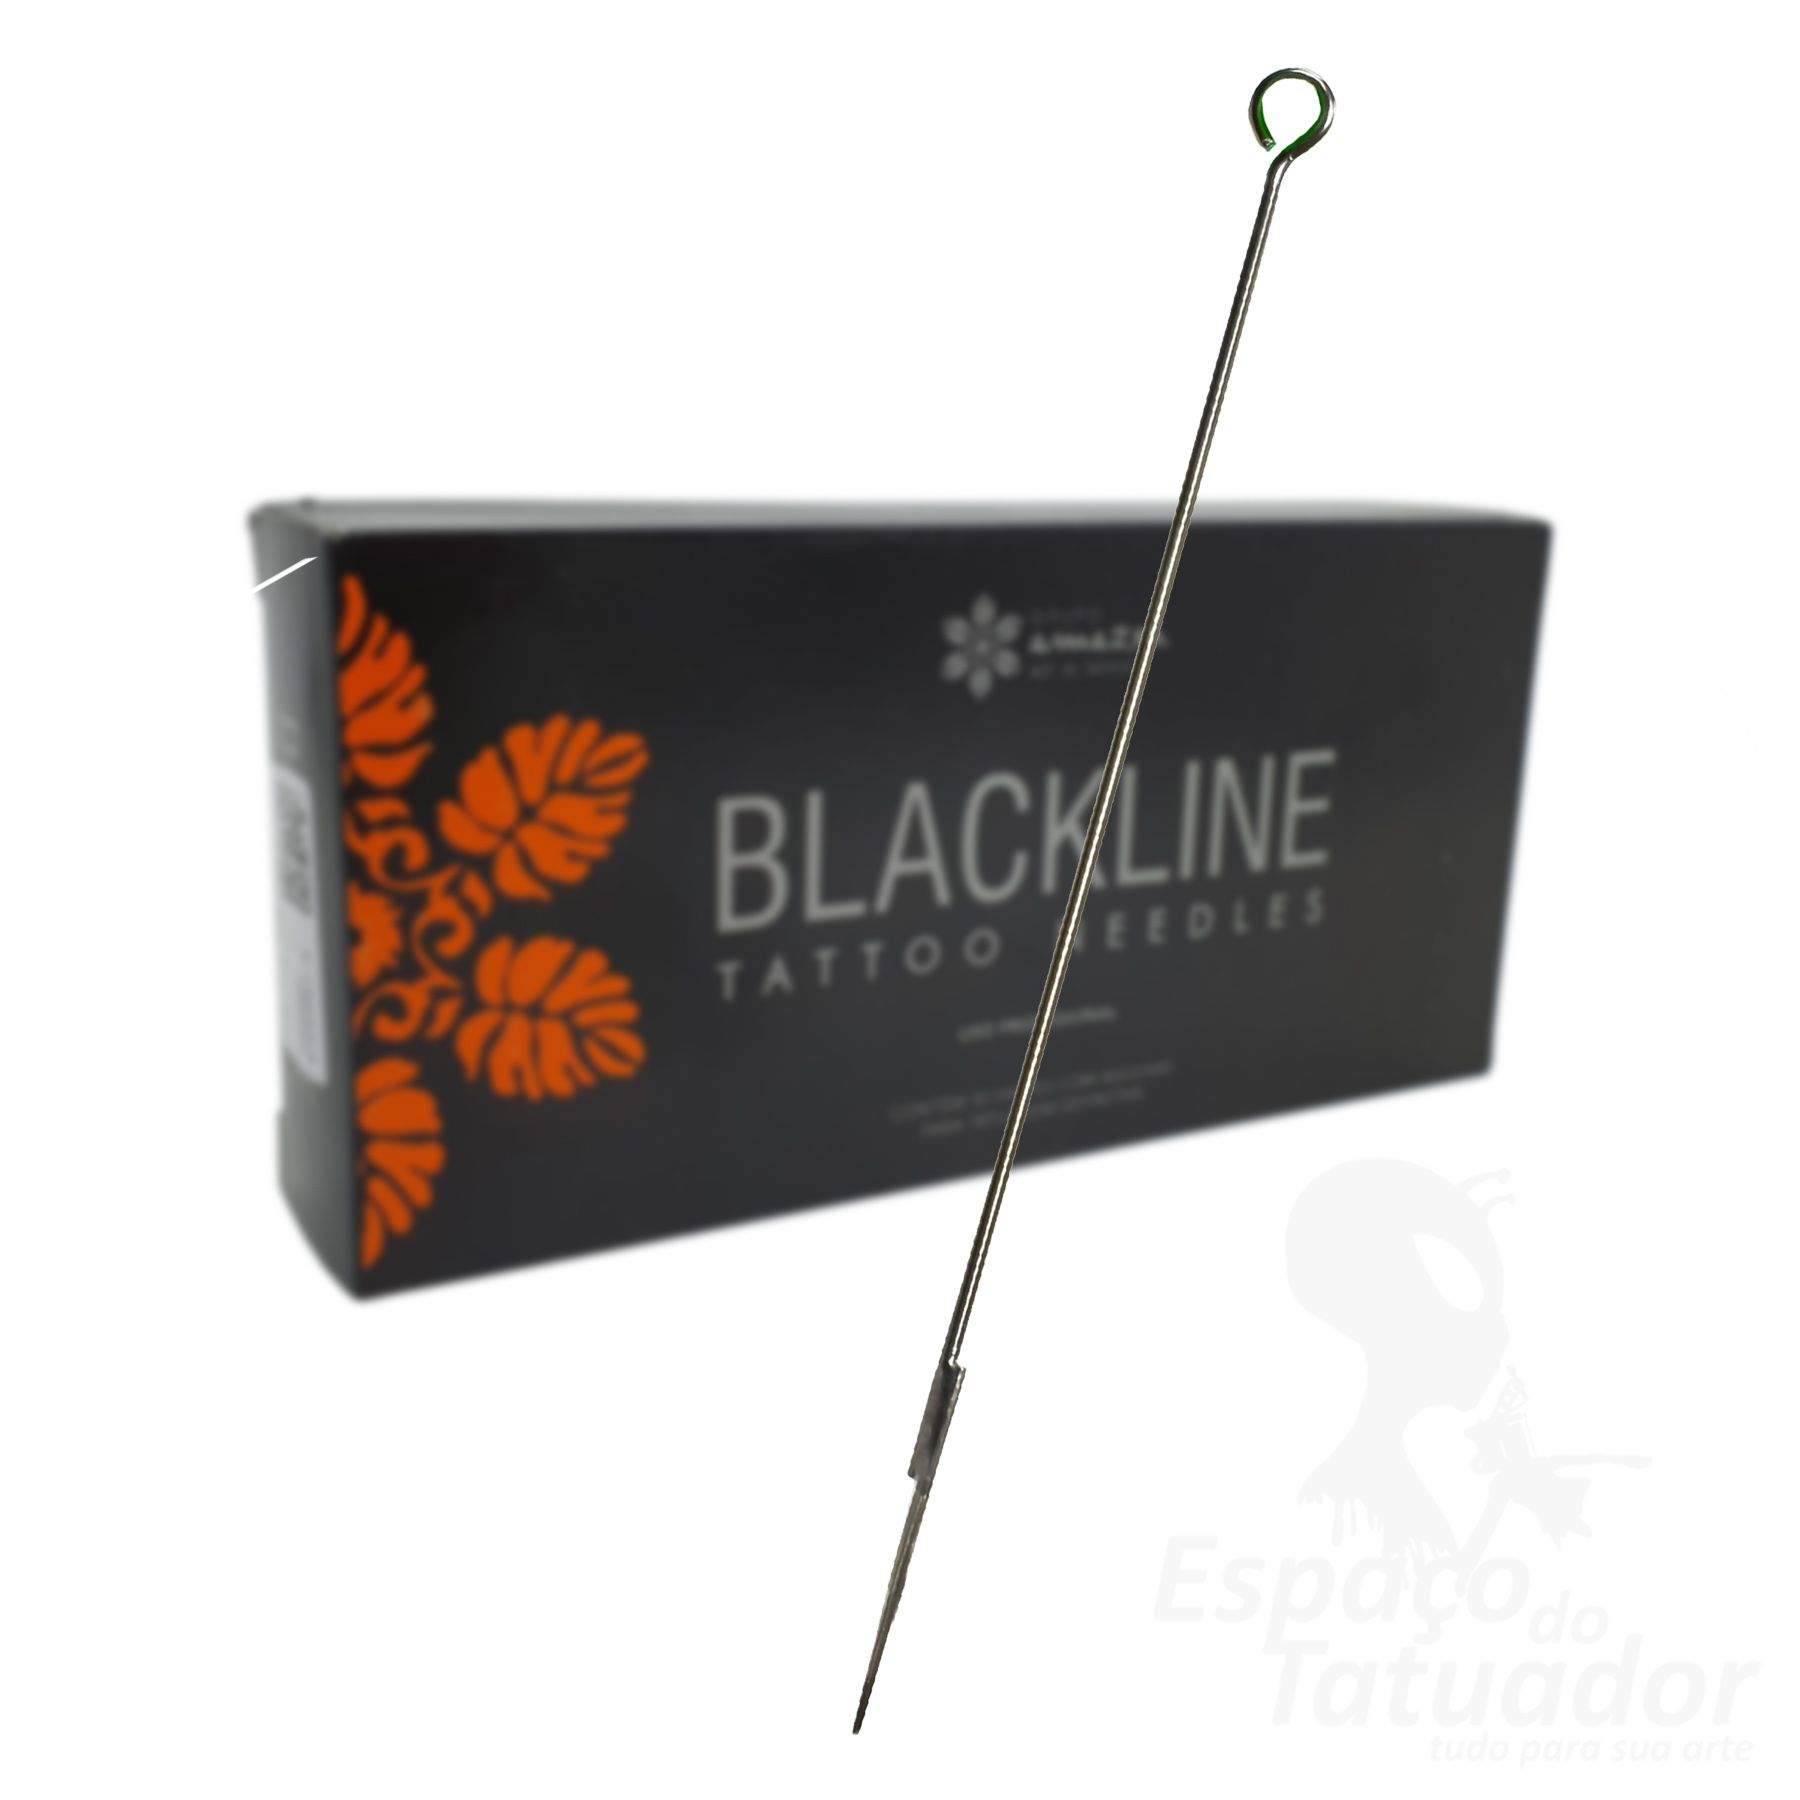 Agulha Black Line - RS 1209 - Unidade